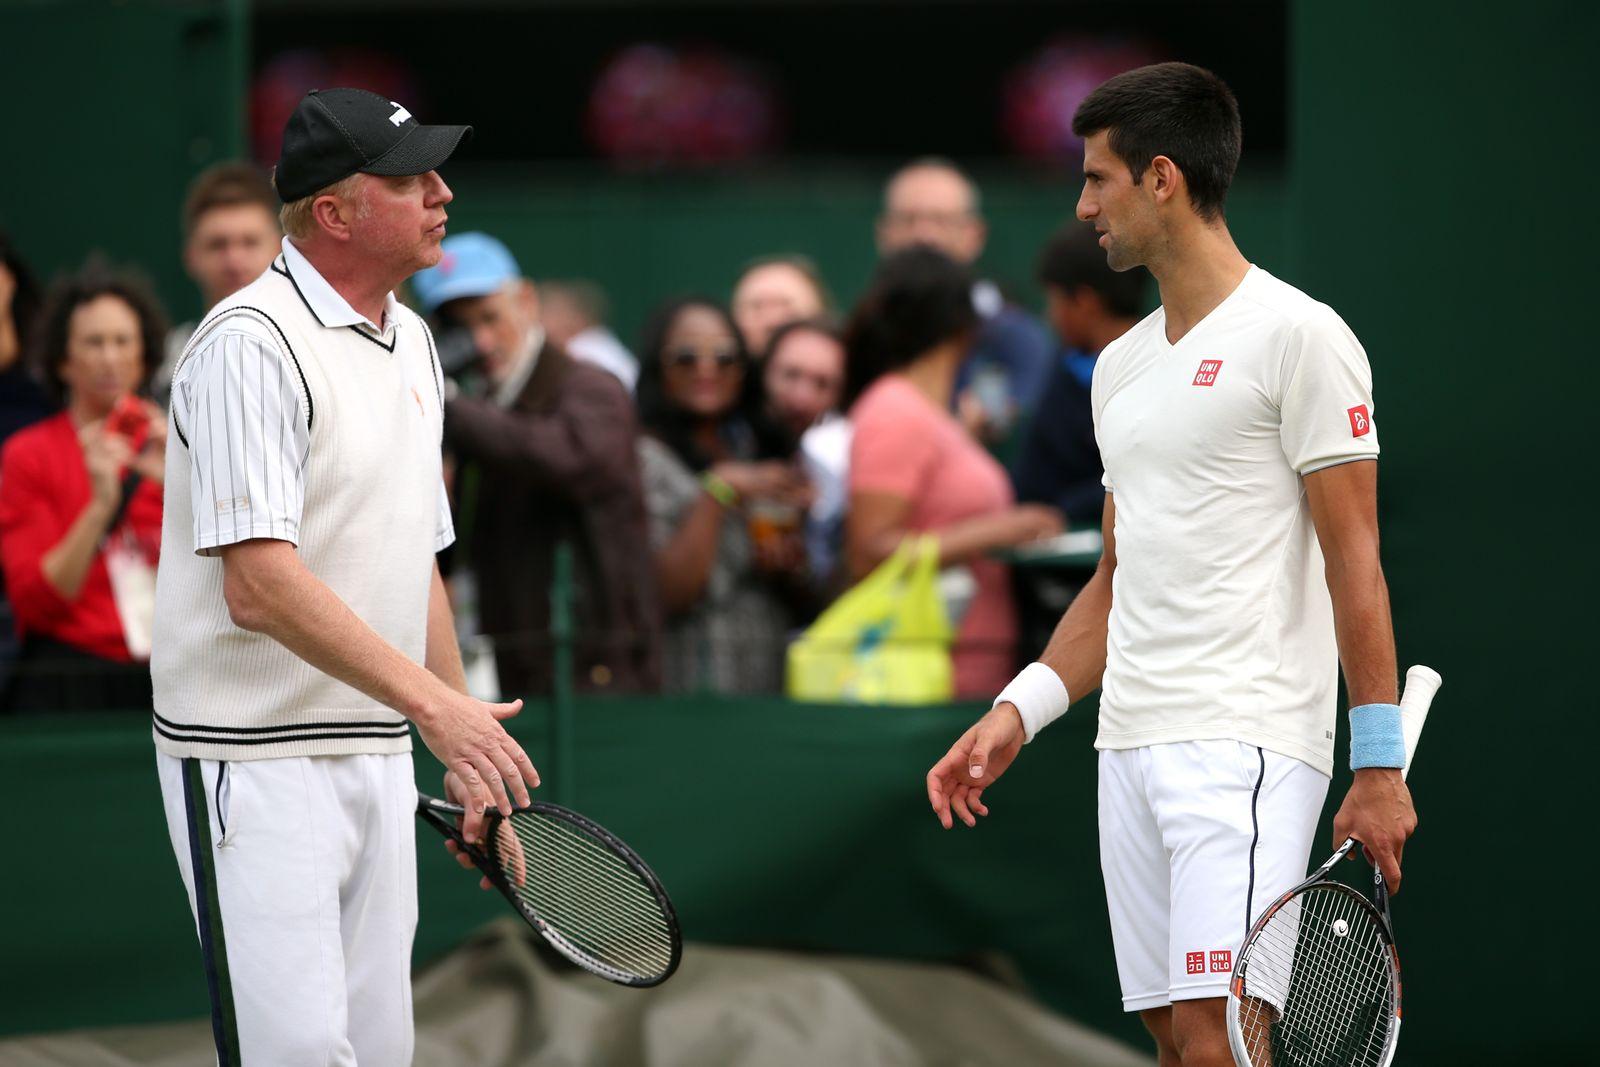 Boris Becker/ Novak Djokovic